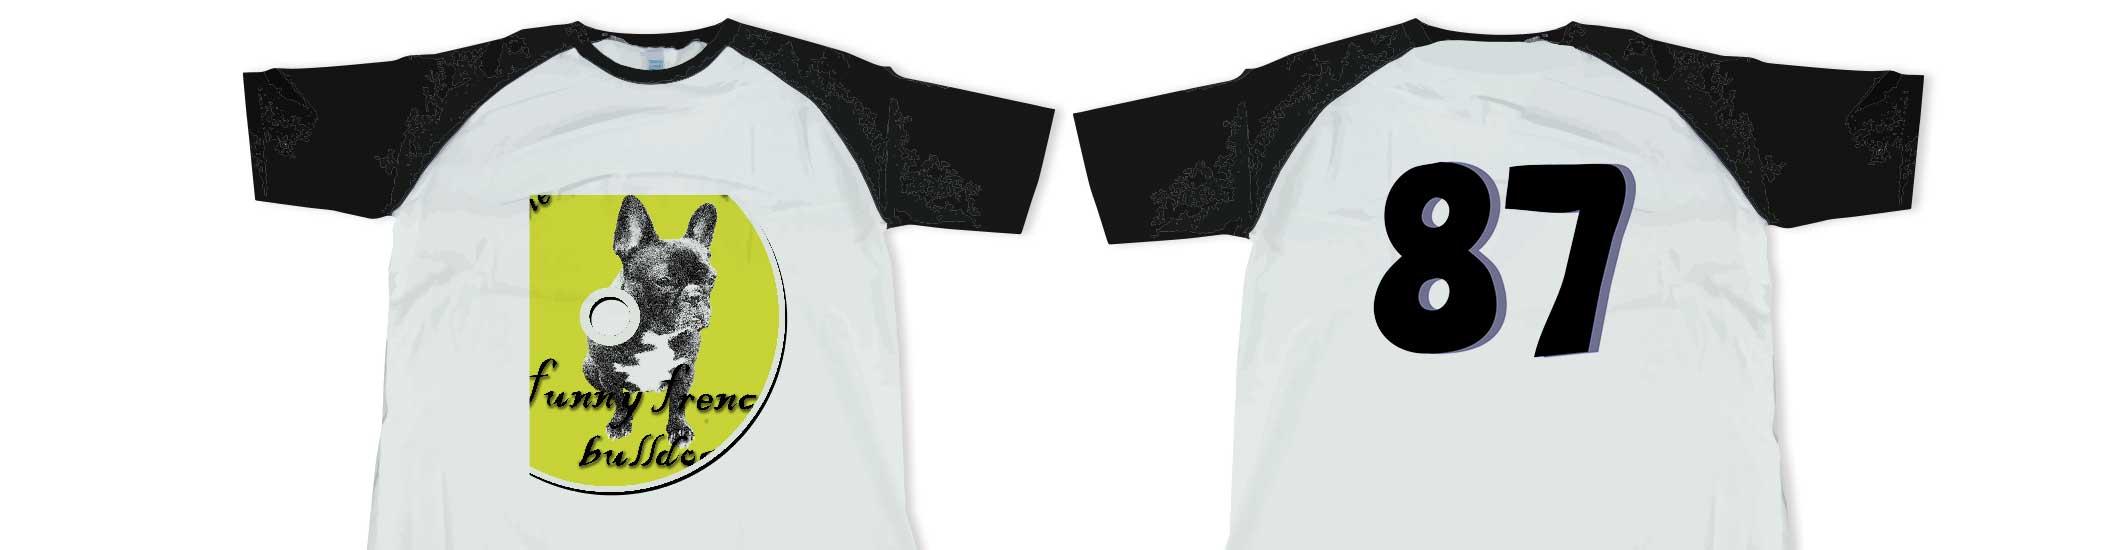 はなちゃんCDカスタムデザイン背番号87Tシャツ